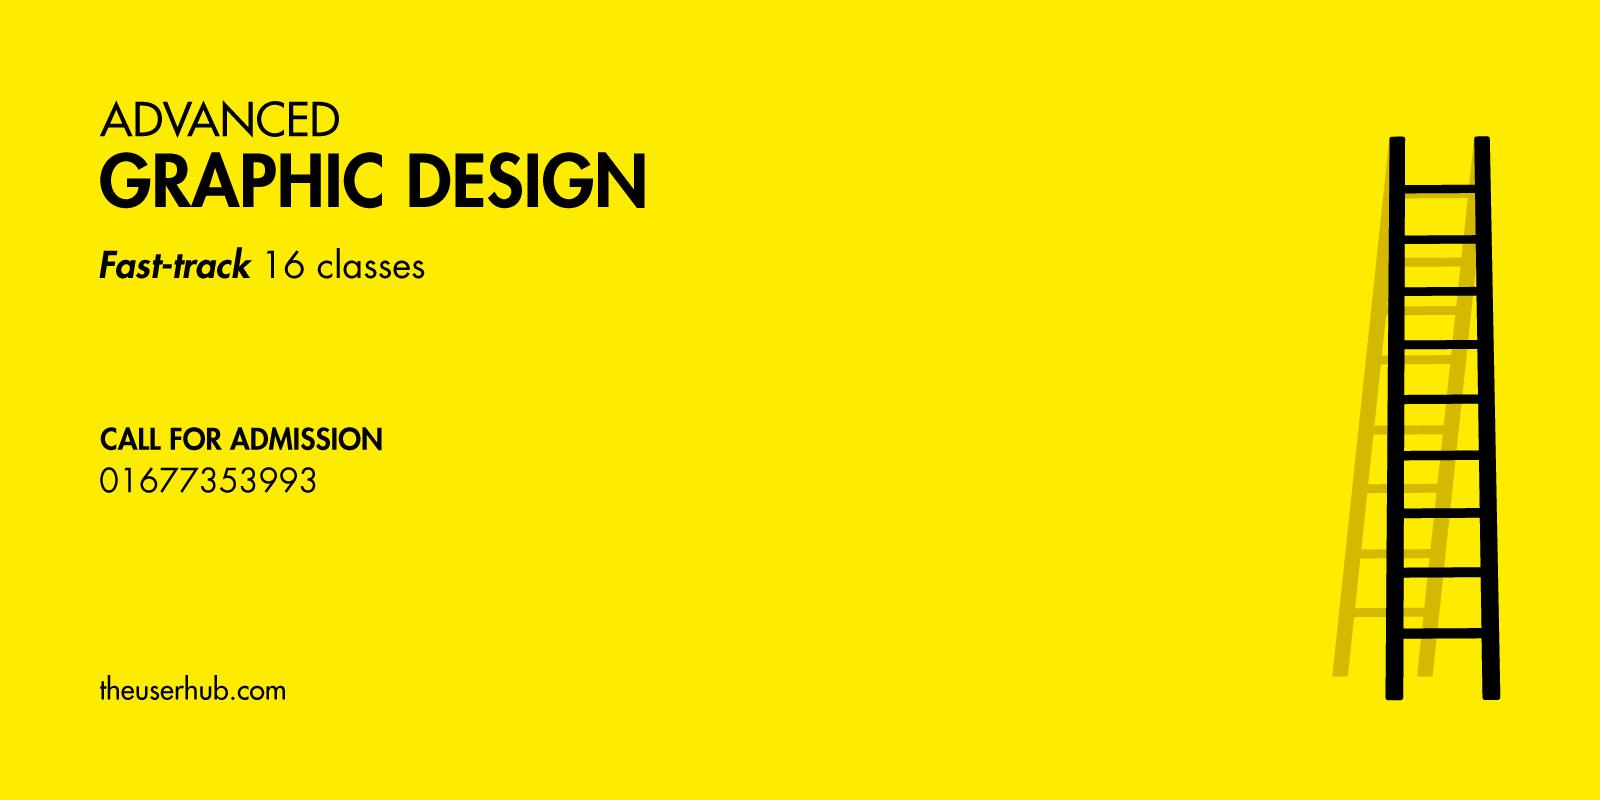 Advanced Graphic Design Fast-track 16 classes